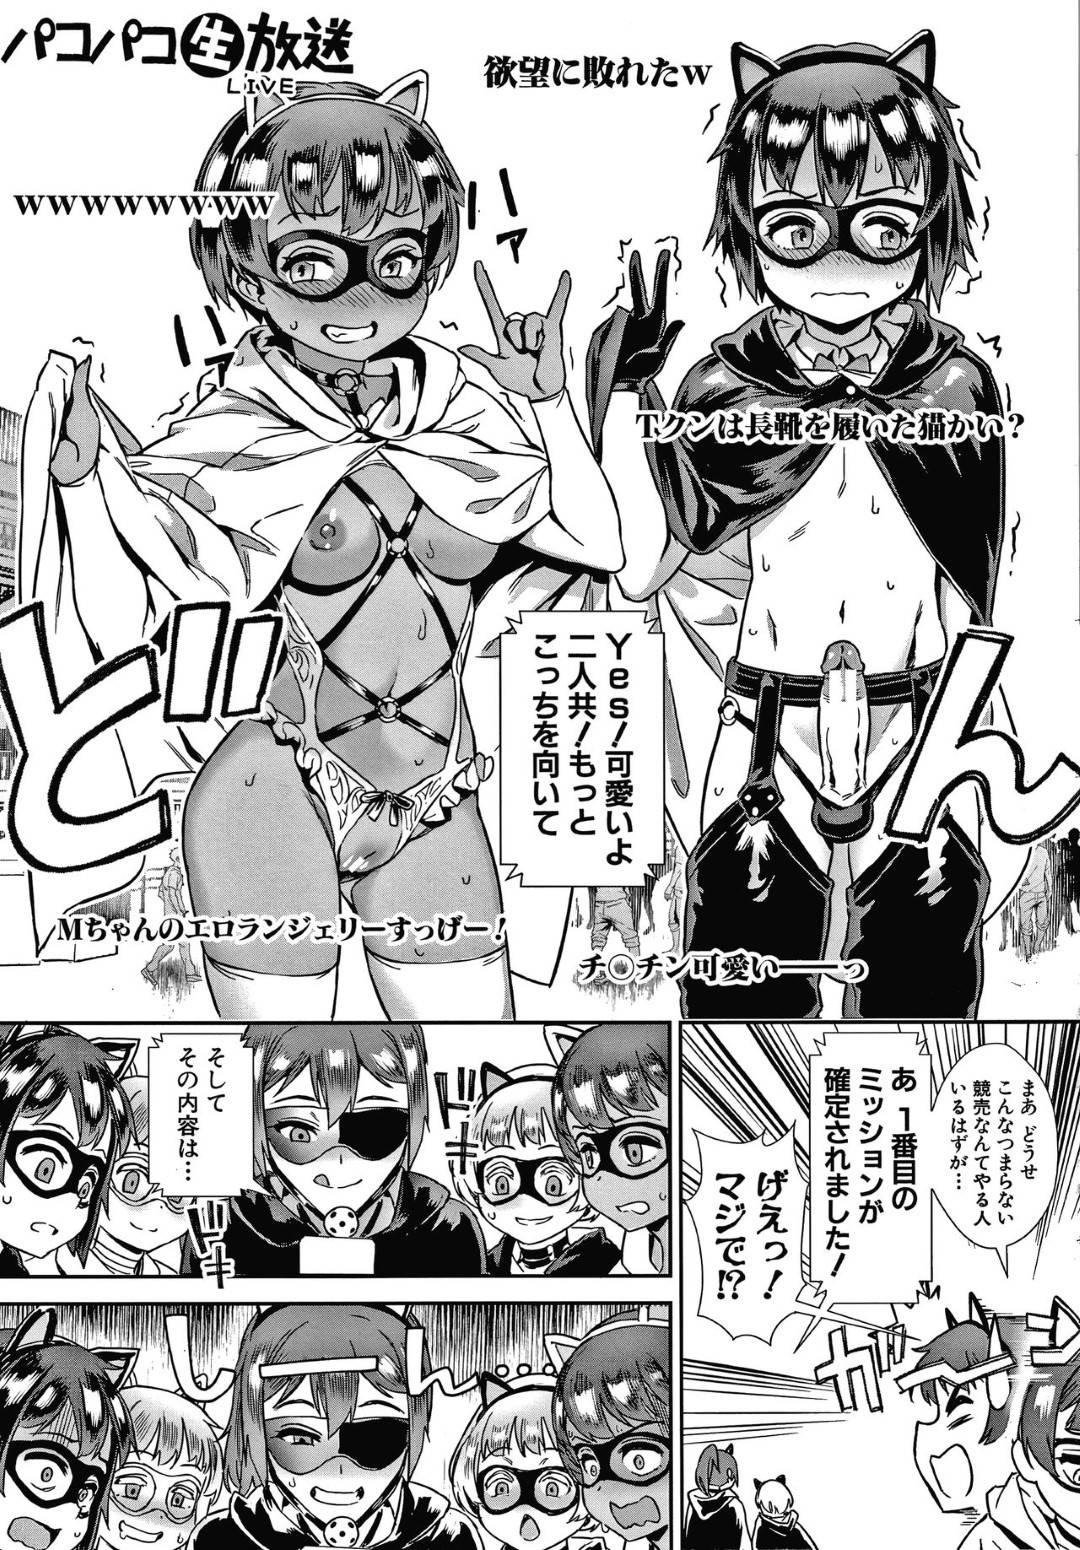 【エロ漫画】文化祭で気弱男子生徒と仮装して乱交生配信することにしたJK4人は、学校のいたるところでハメまくり5P生ハメ乱交中出しセックスで全員イキまくる!